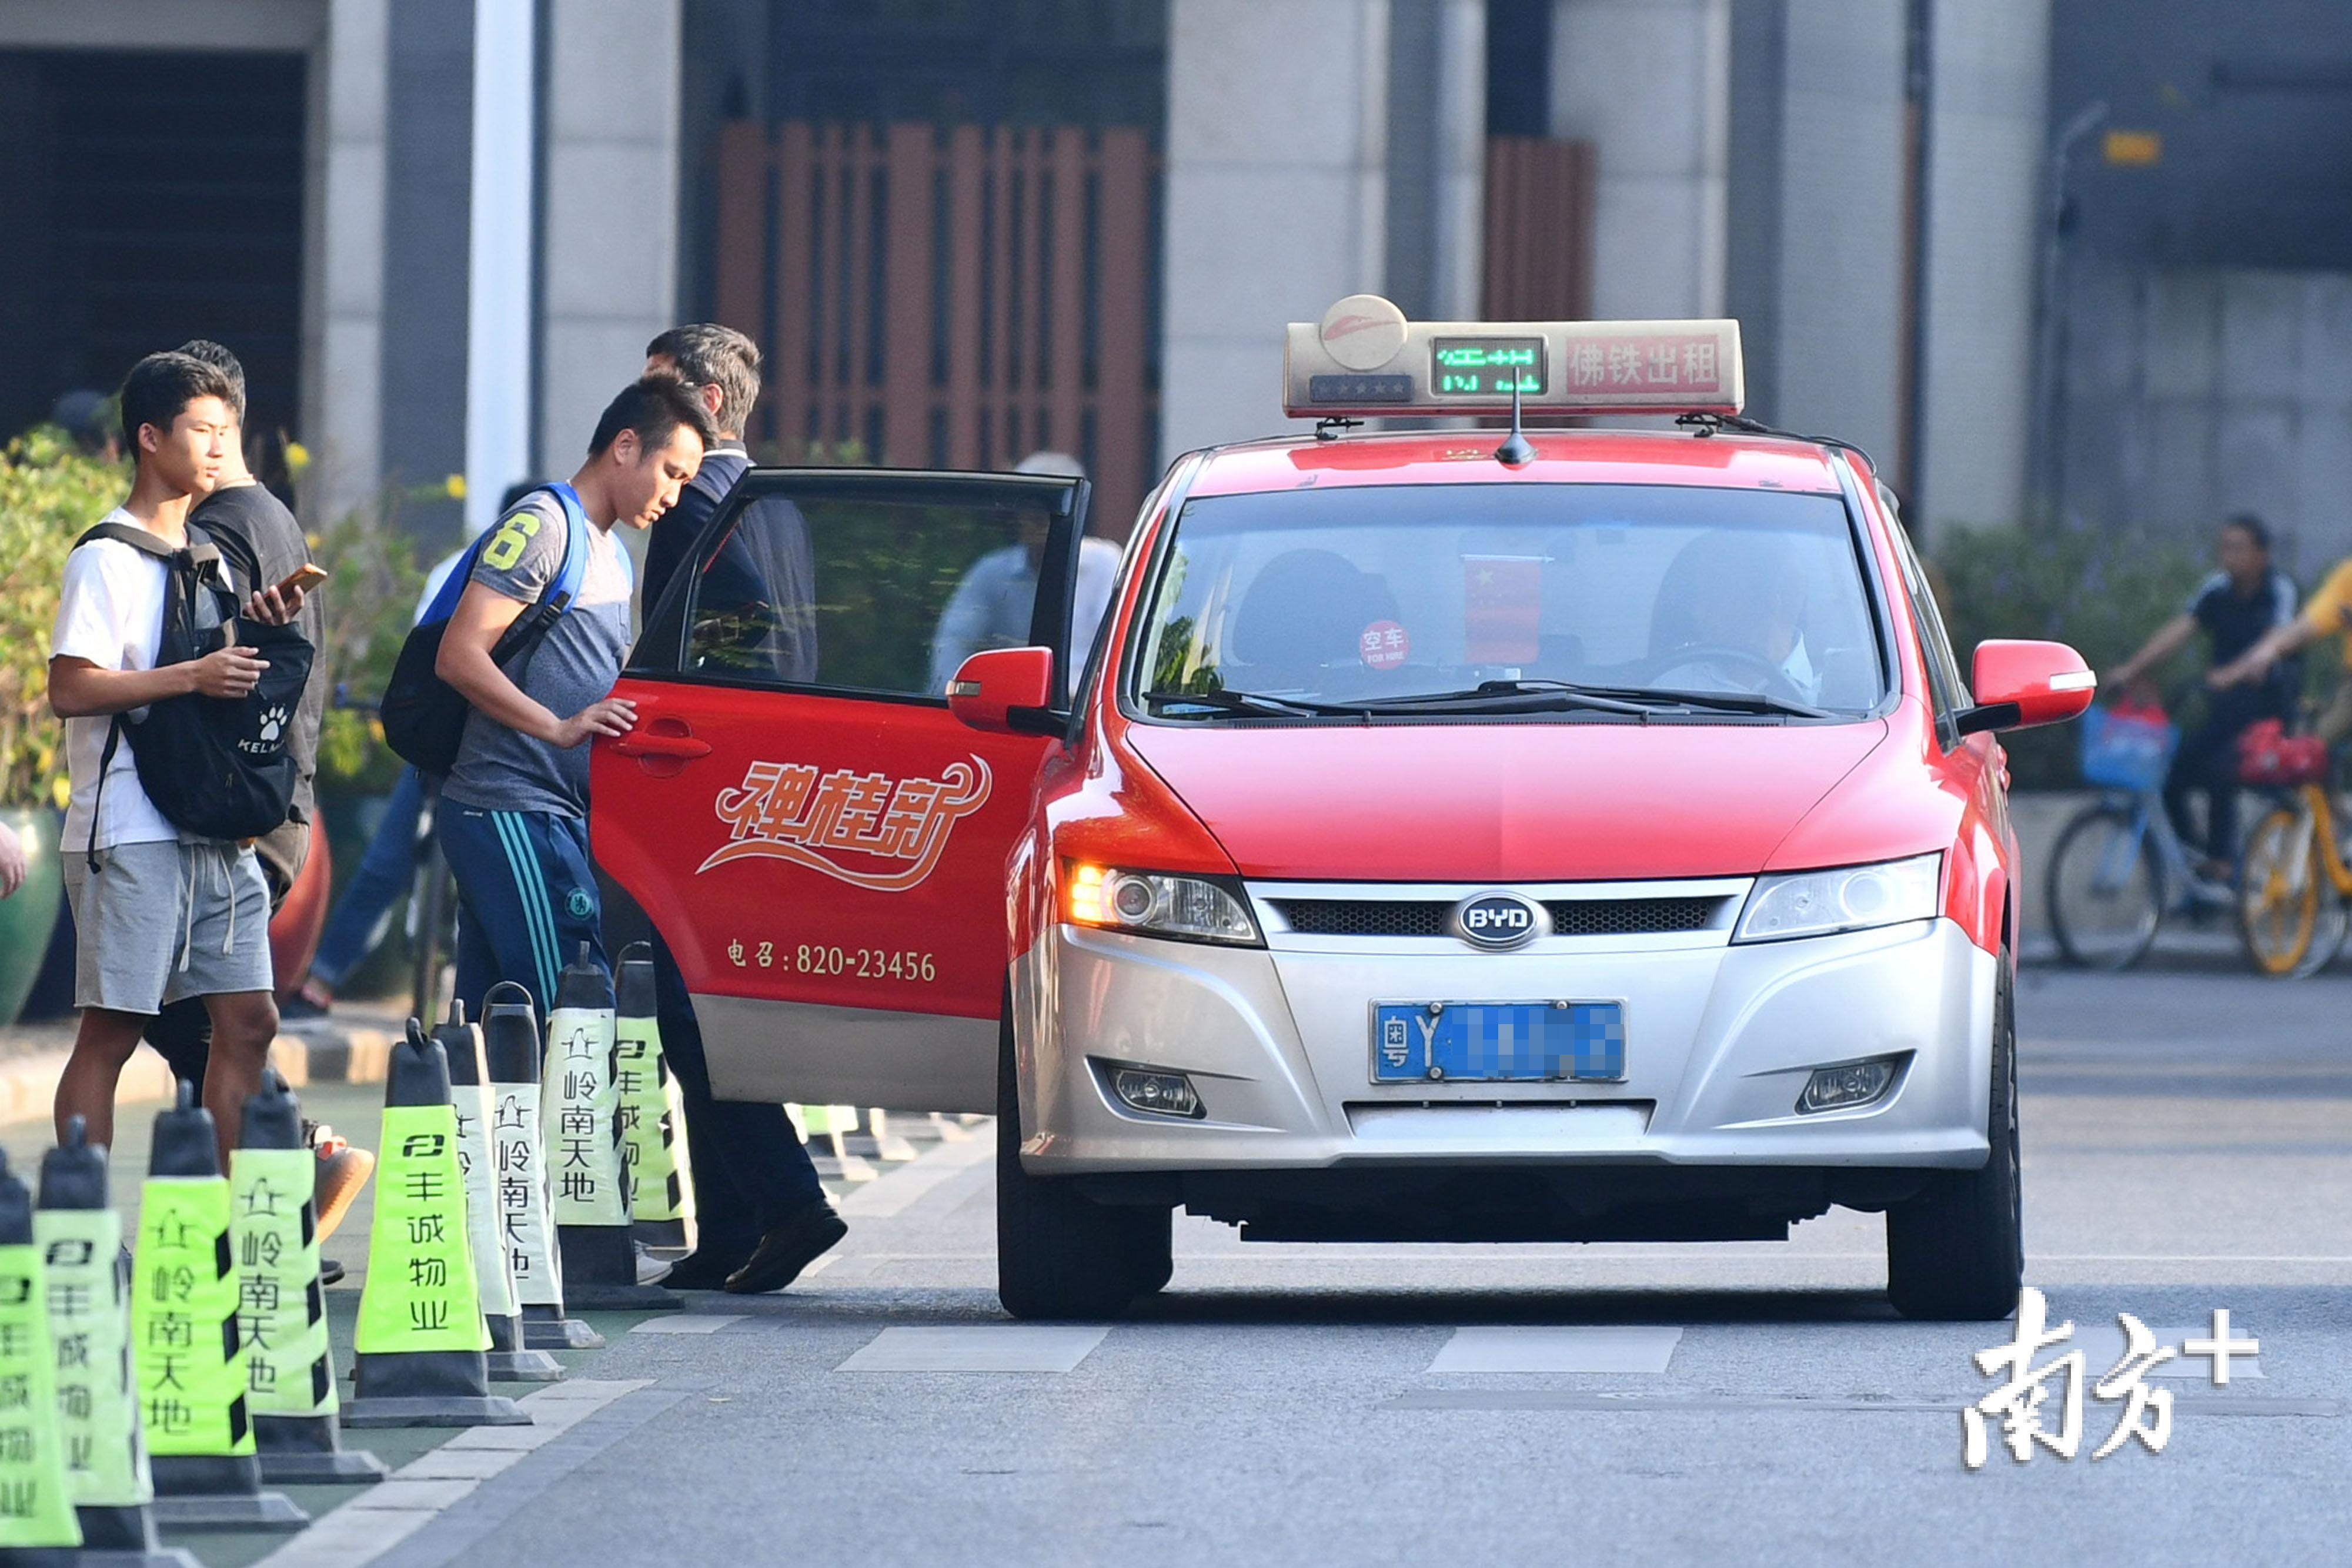 乘客在岭南天地打出租车。南方日报记者 戴嘉信 摄